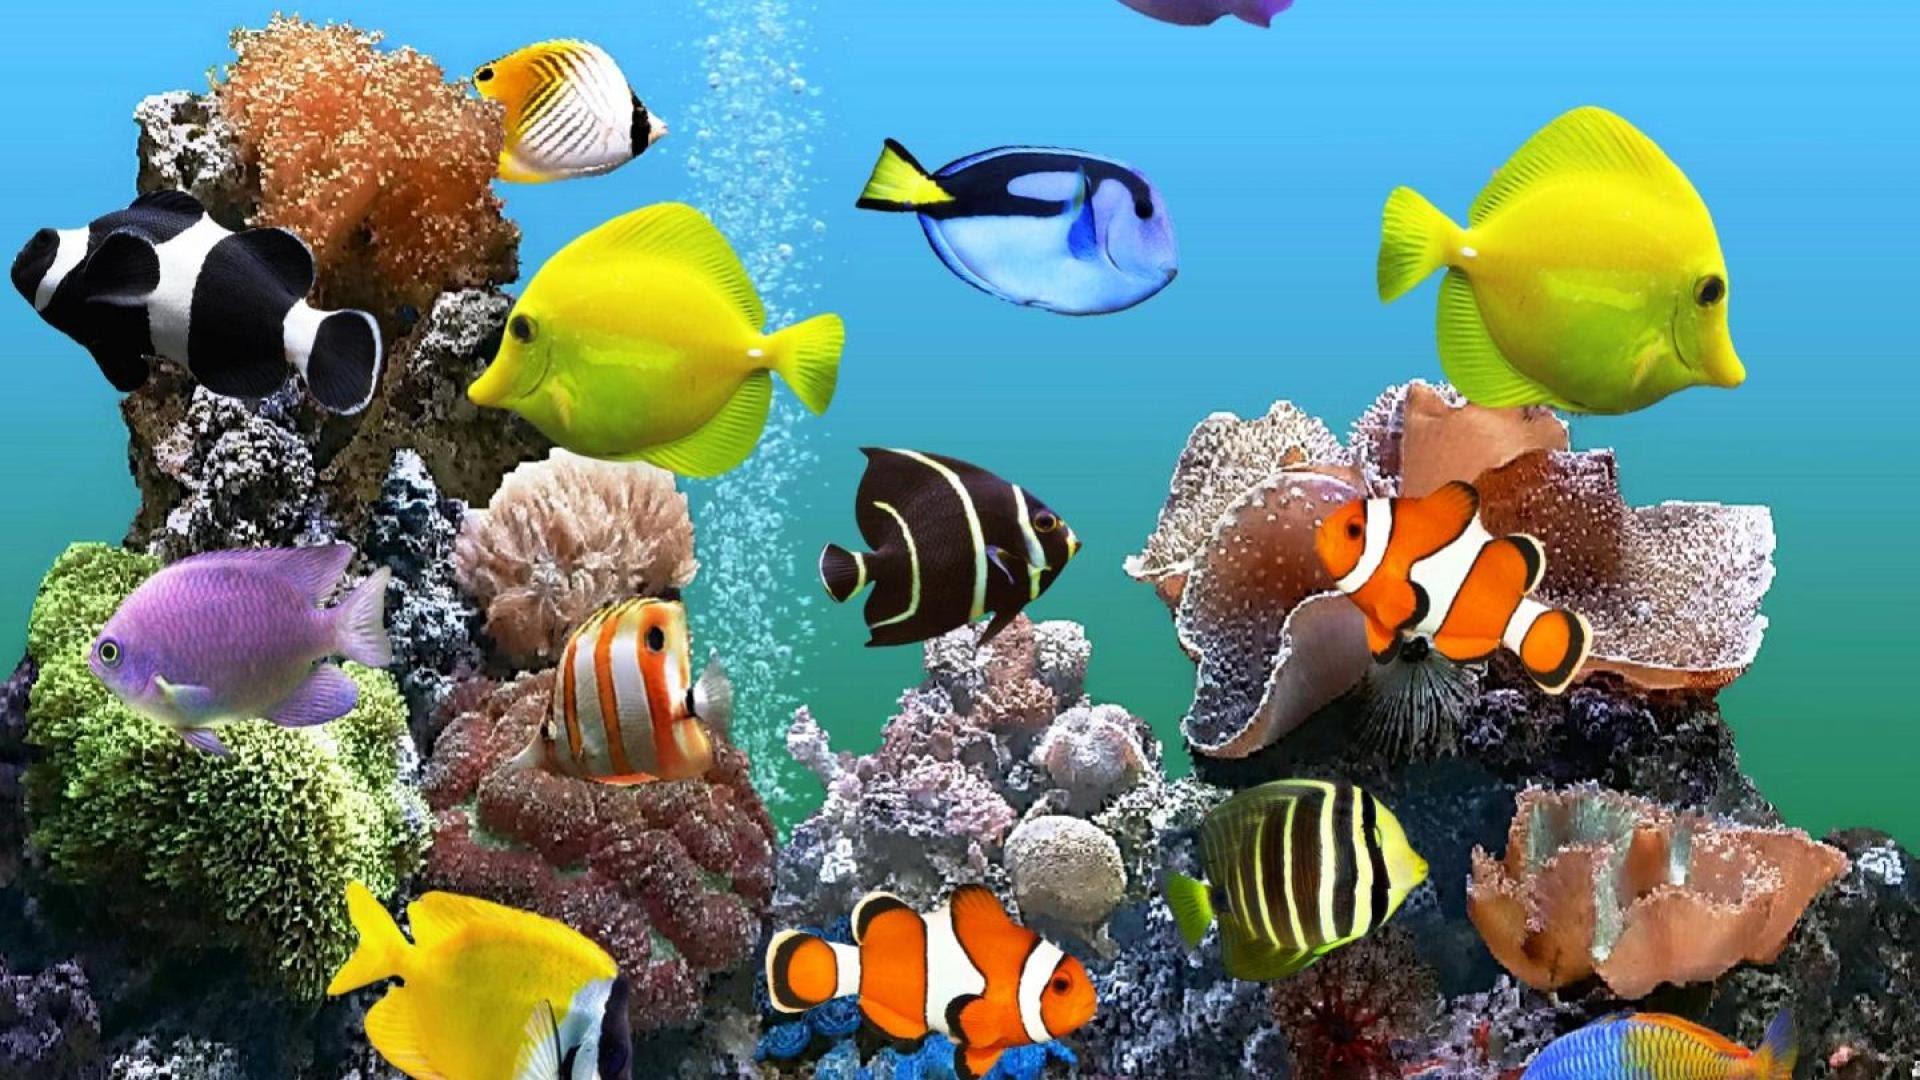 3d Aquarium Wallpaper 52 Images